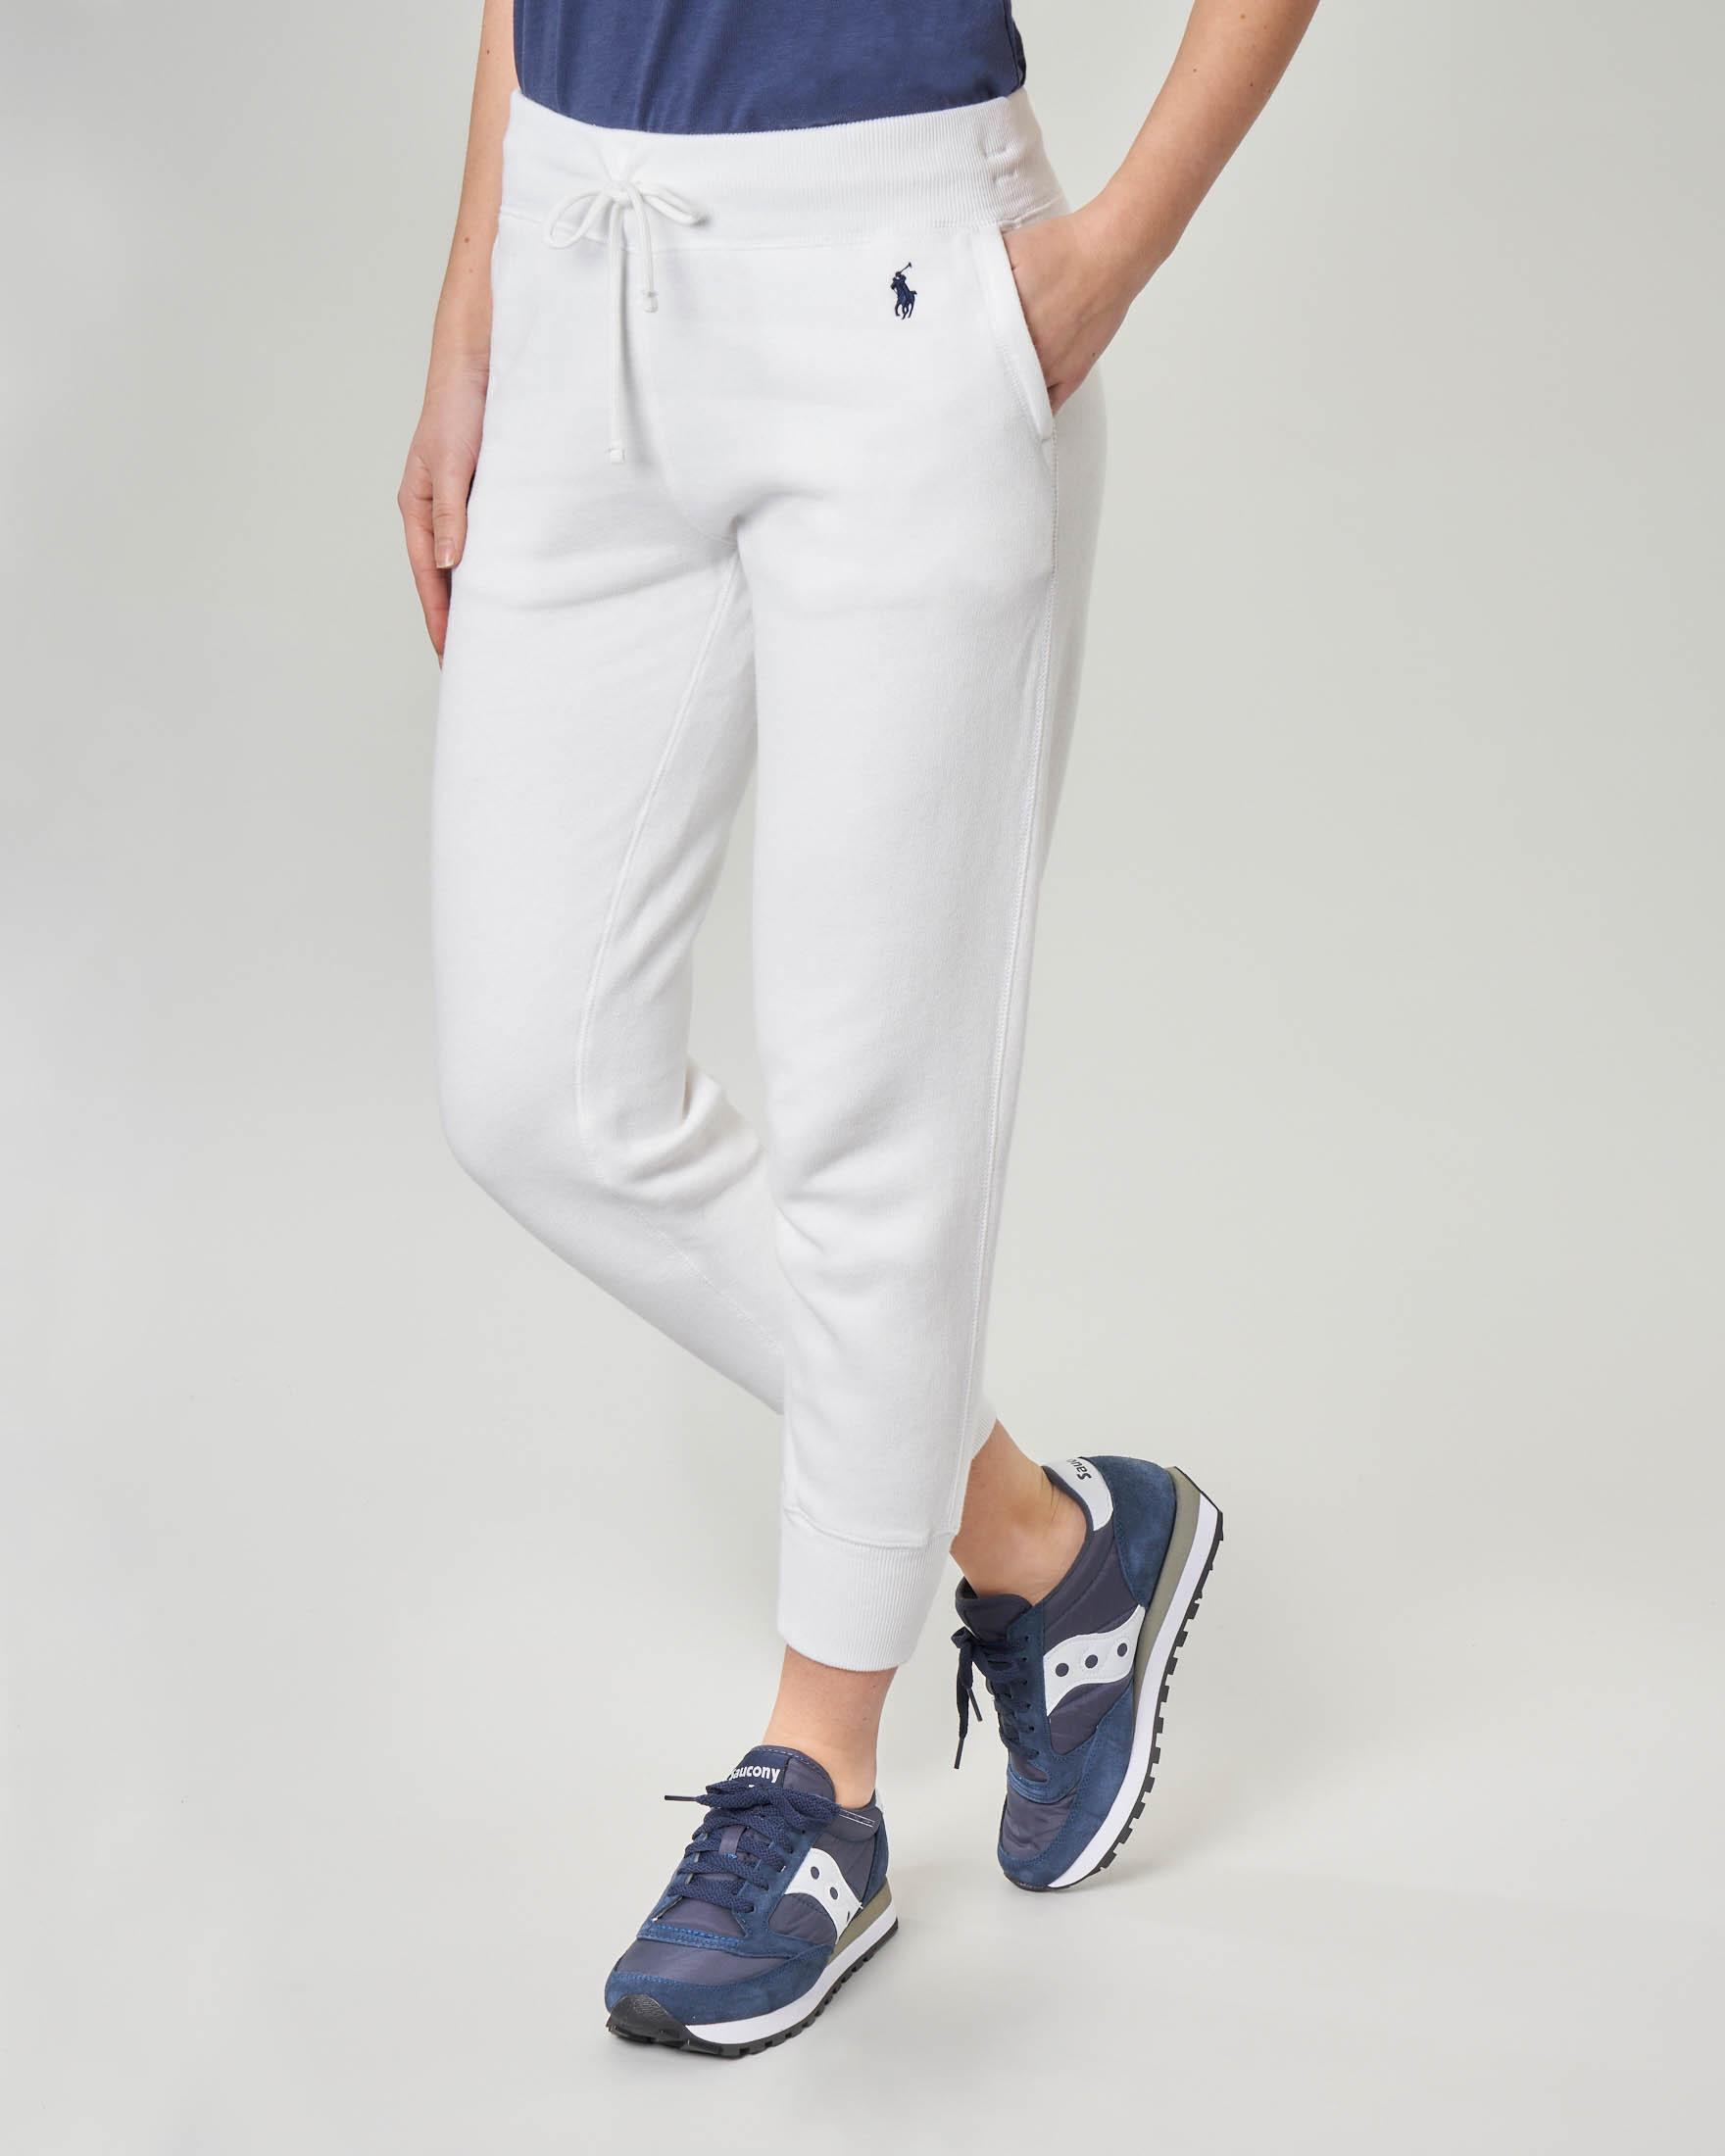 Pantaloni in felpa bianca